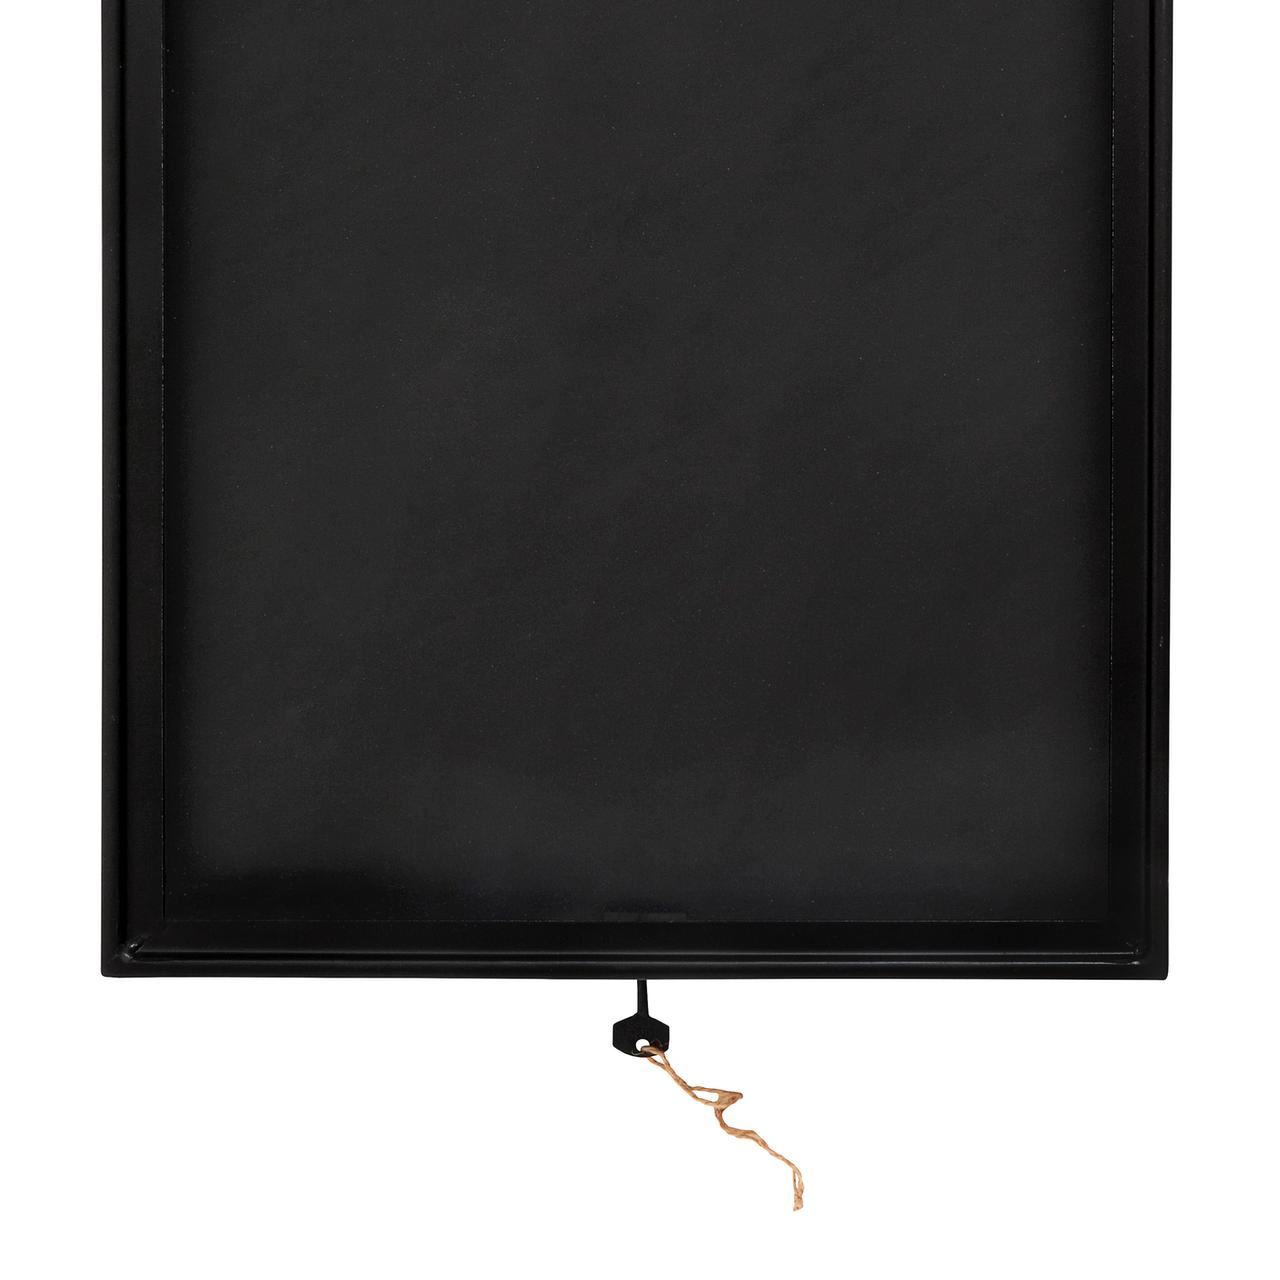 Nordal Menukast/display box, zwart metaal en glas, 36 x 49 cm